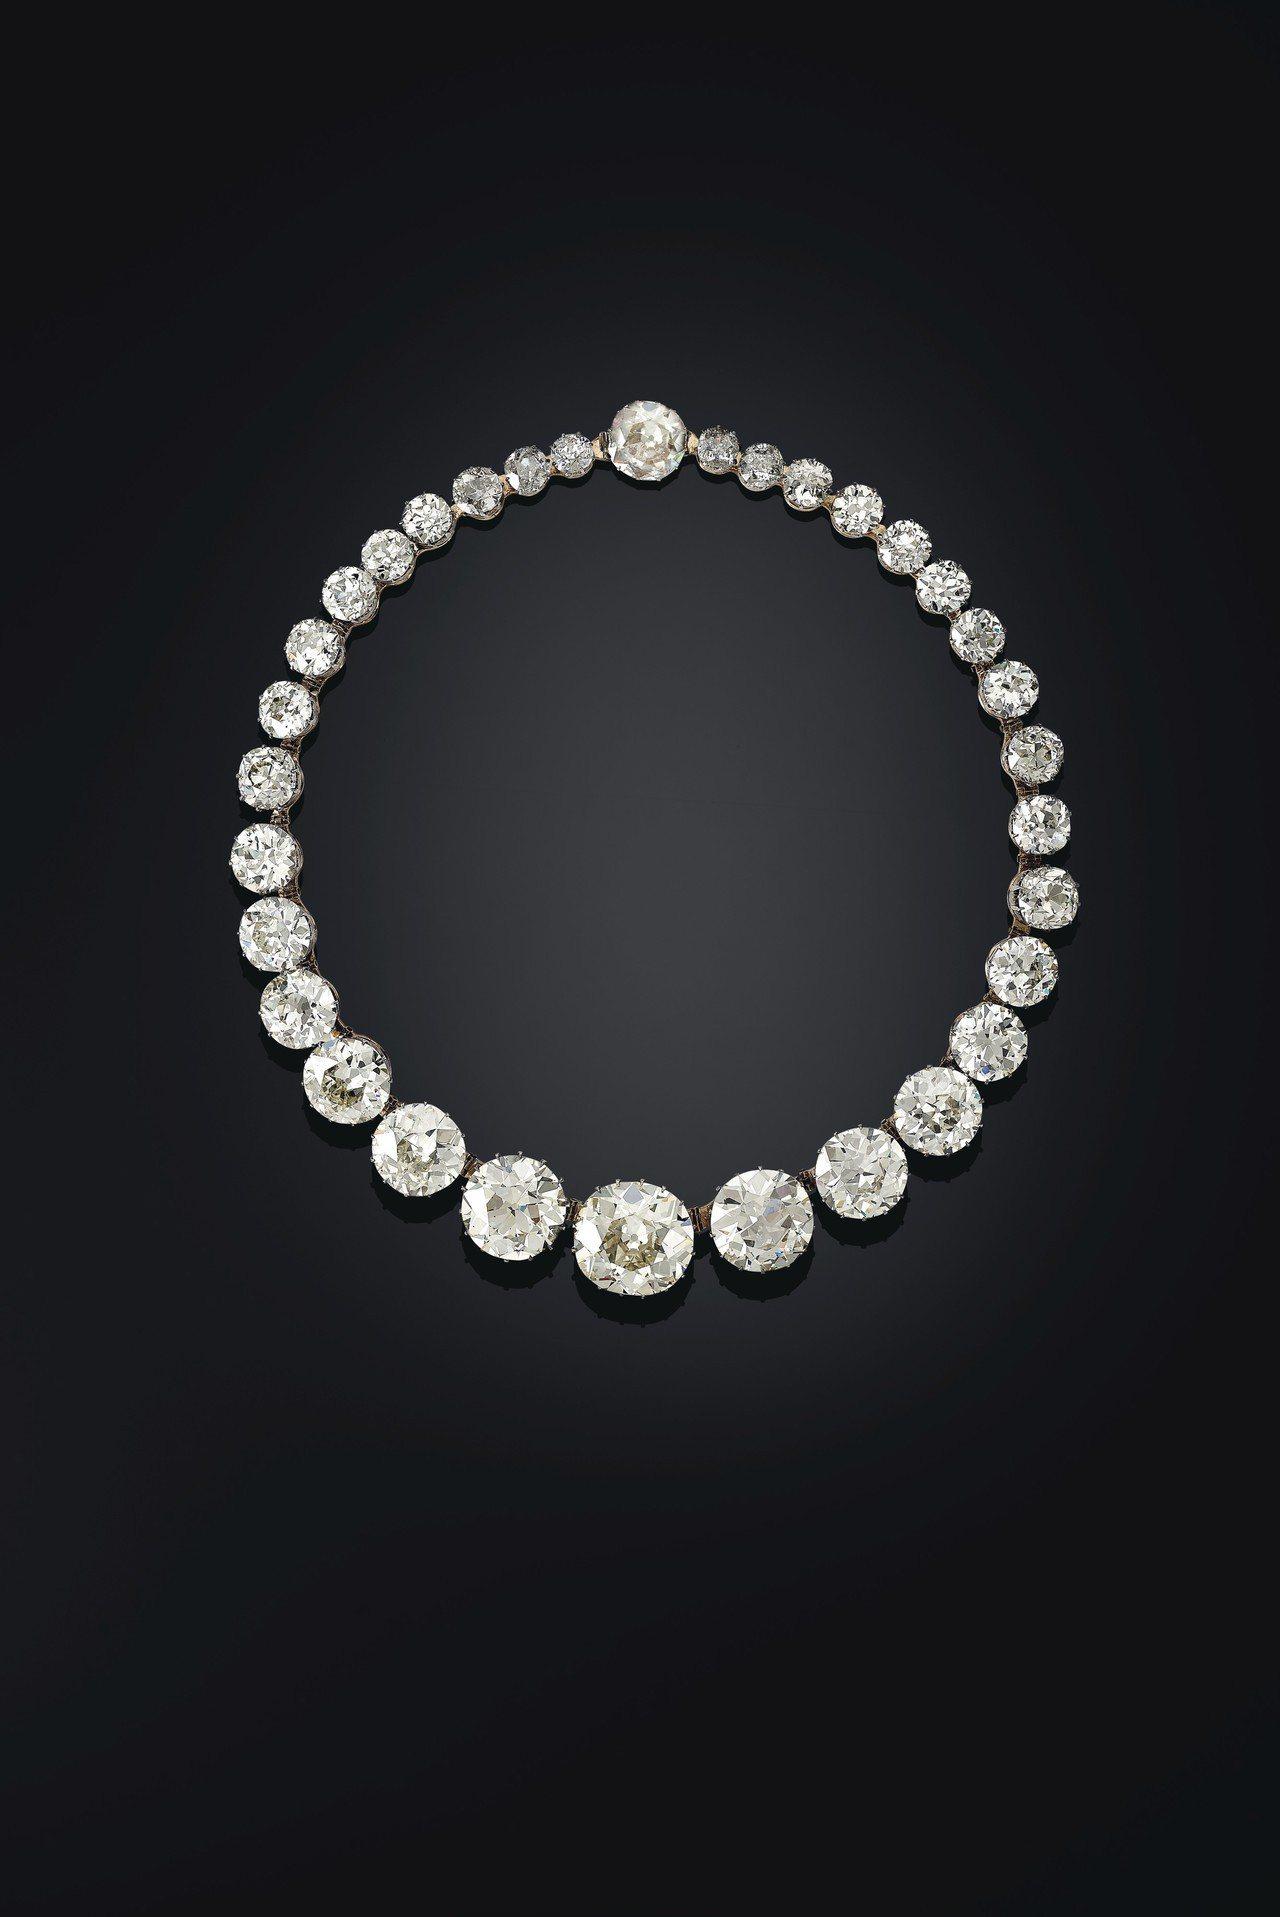 1890年代海德拉巴的戈爾康達鑽石Rivière項鍊,最大的七枚鑽石分別重9....